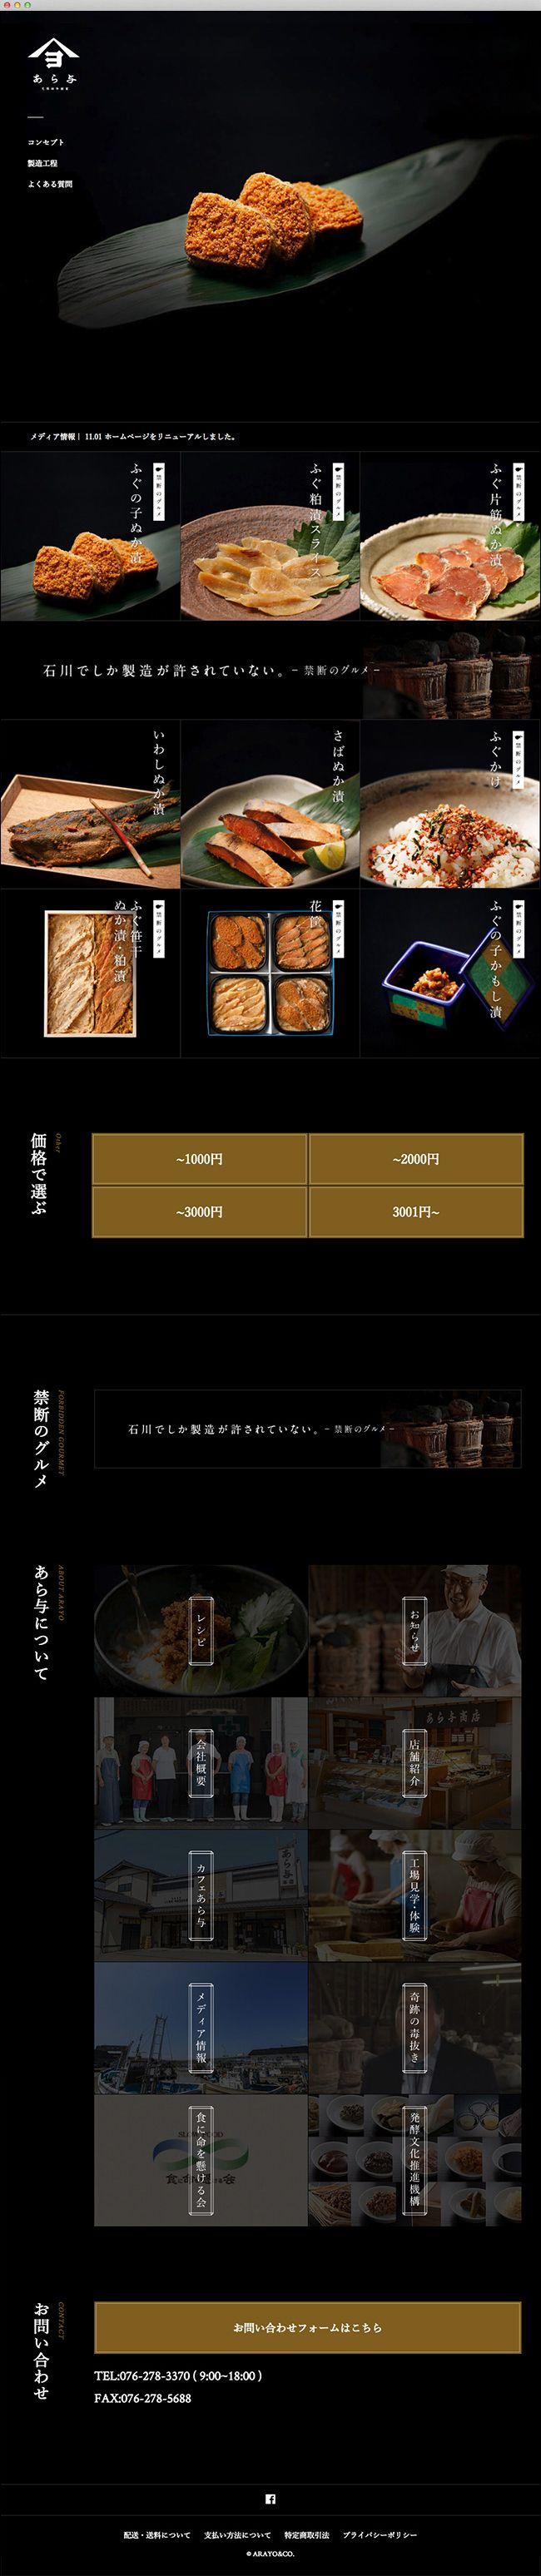 あら与   石川県金沢のホームページ制作・デザイン事務所・映像制作 VOICE